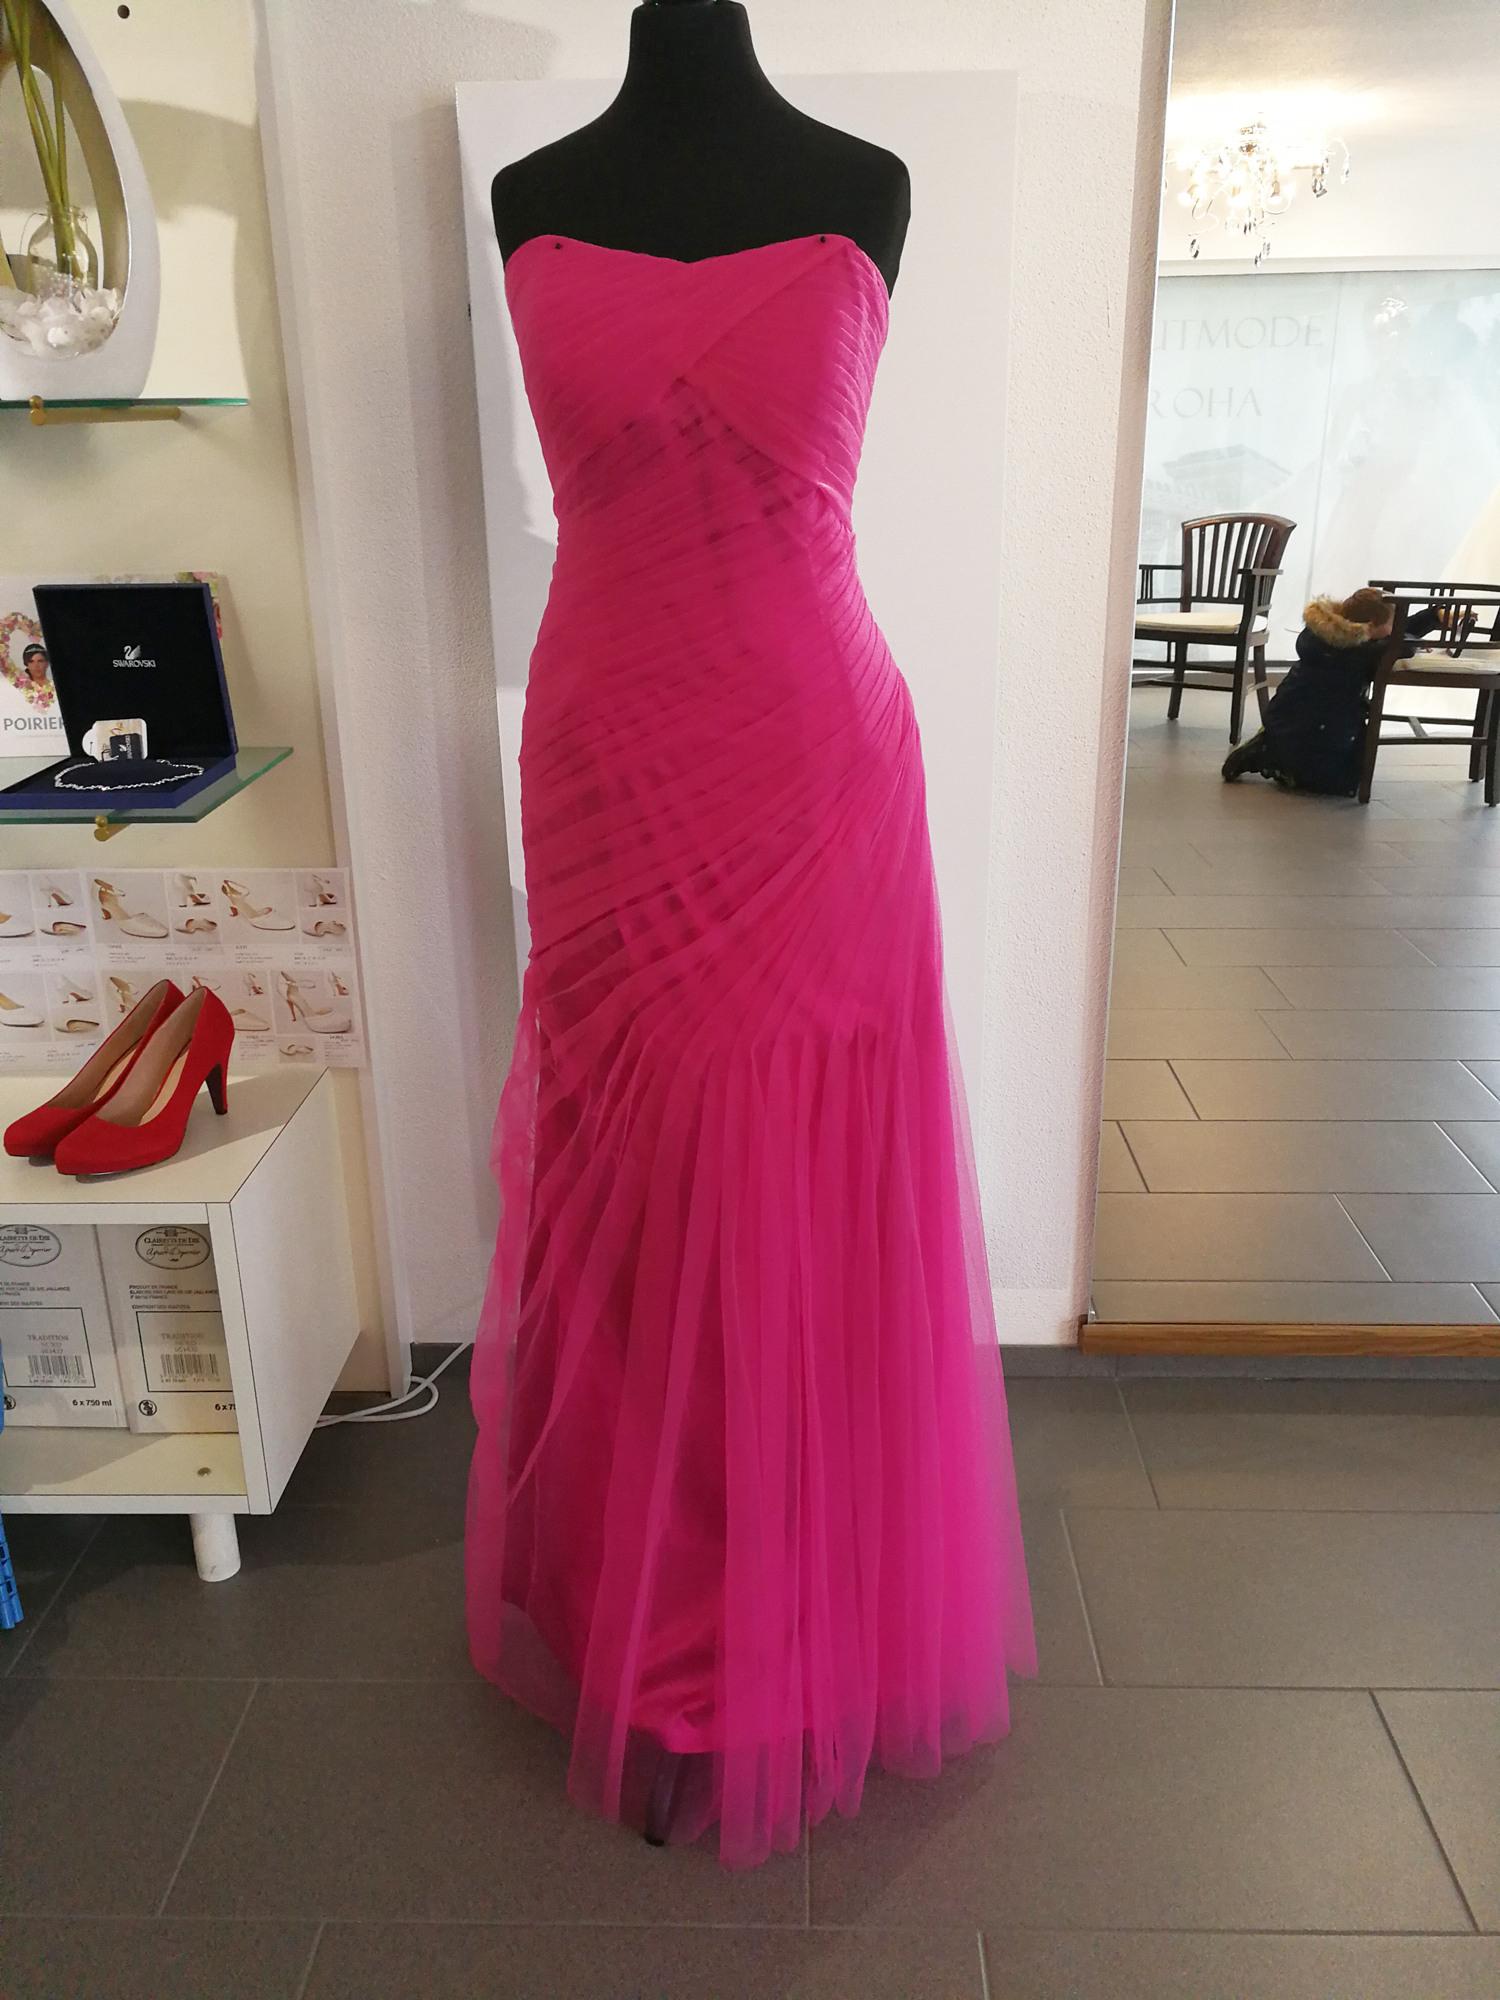 Abend Schön Abendkleid Xara Stylish15 Erstaunlich Abendkleid Xara Boutique